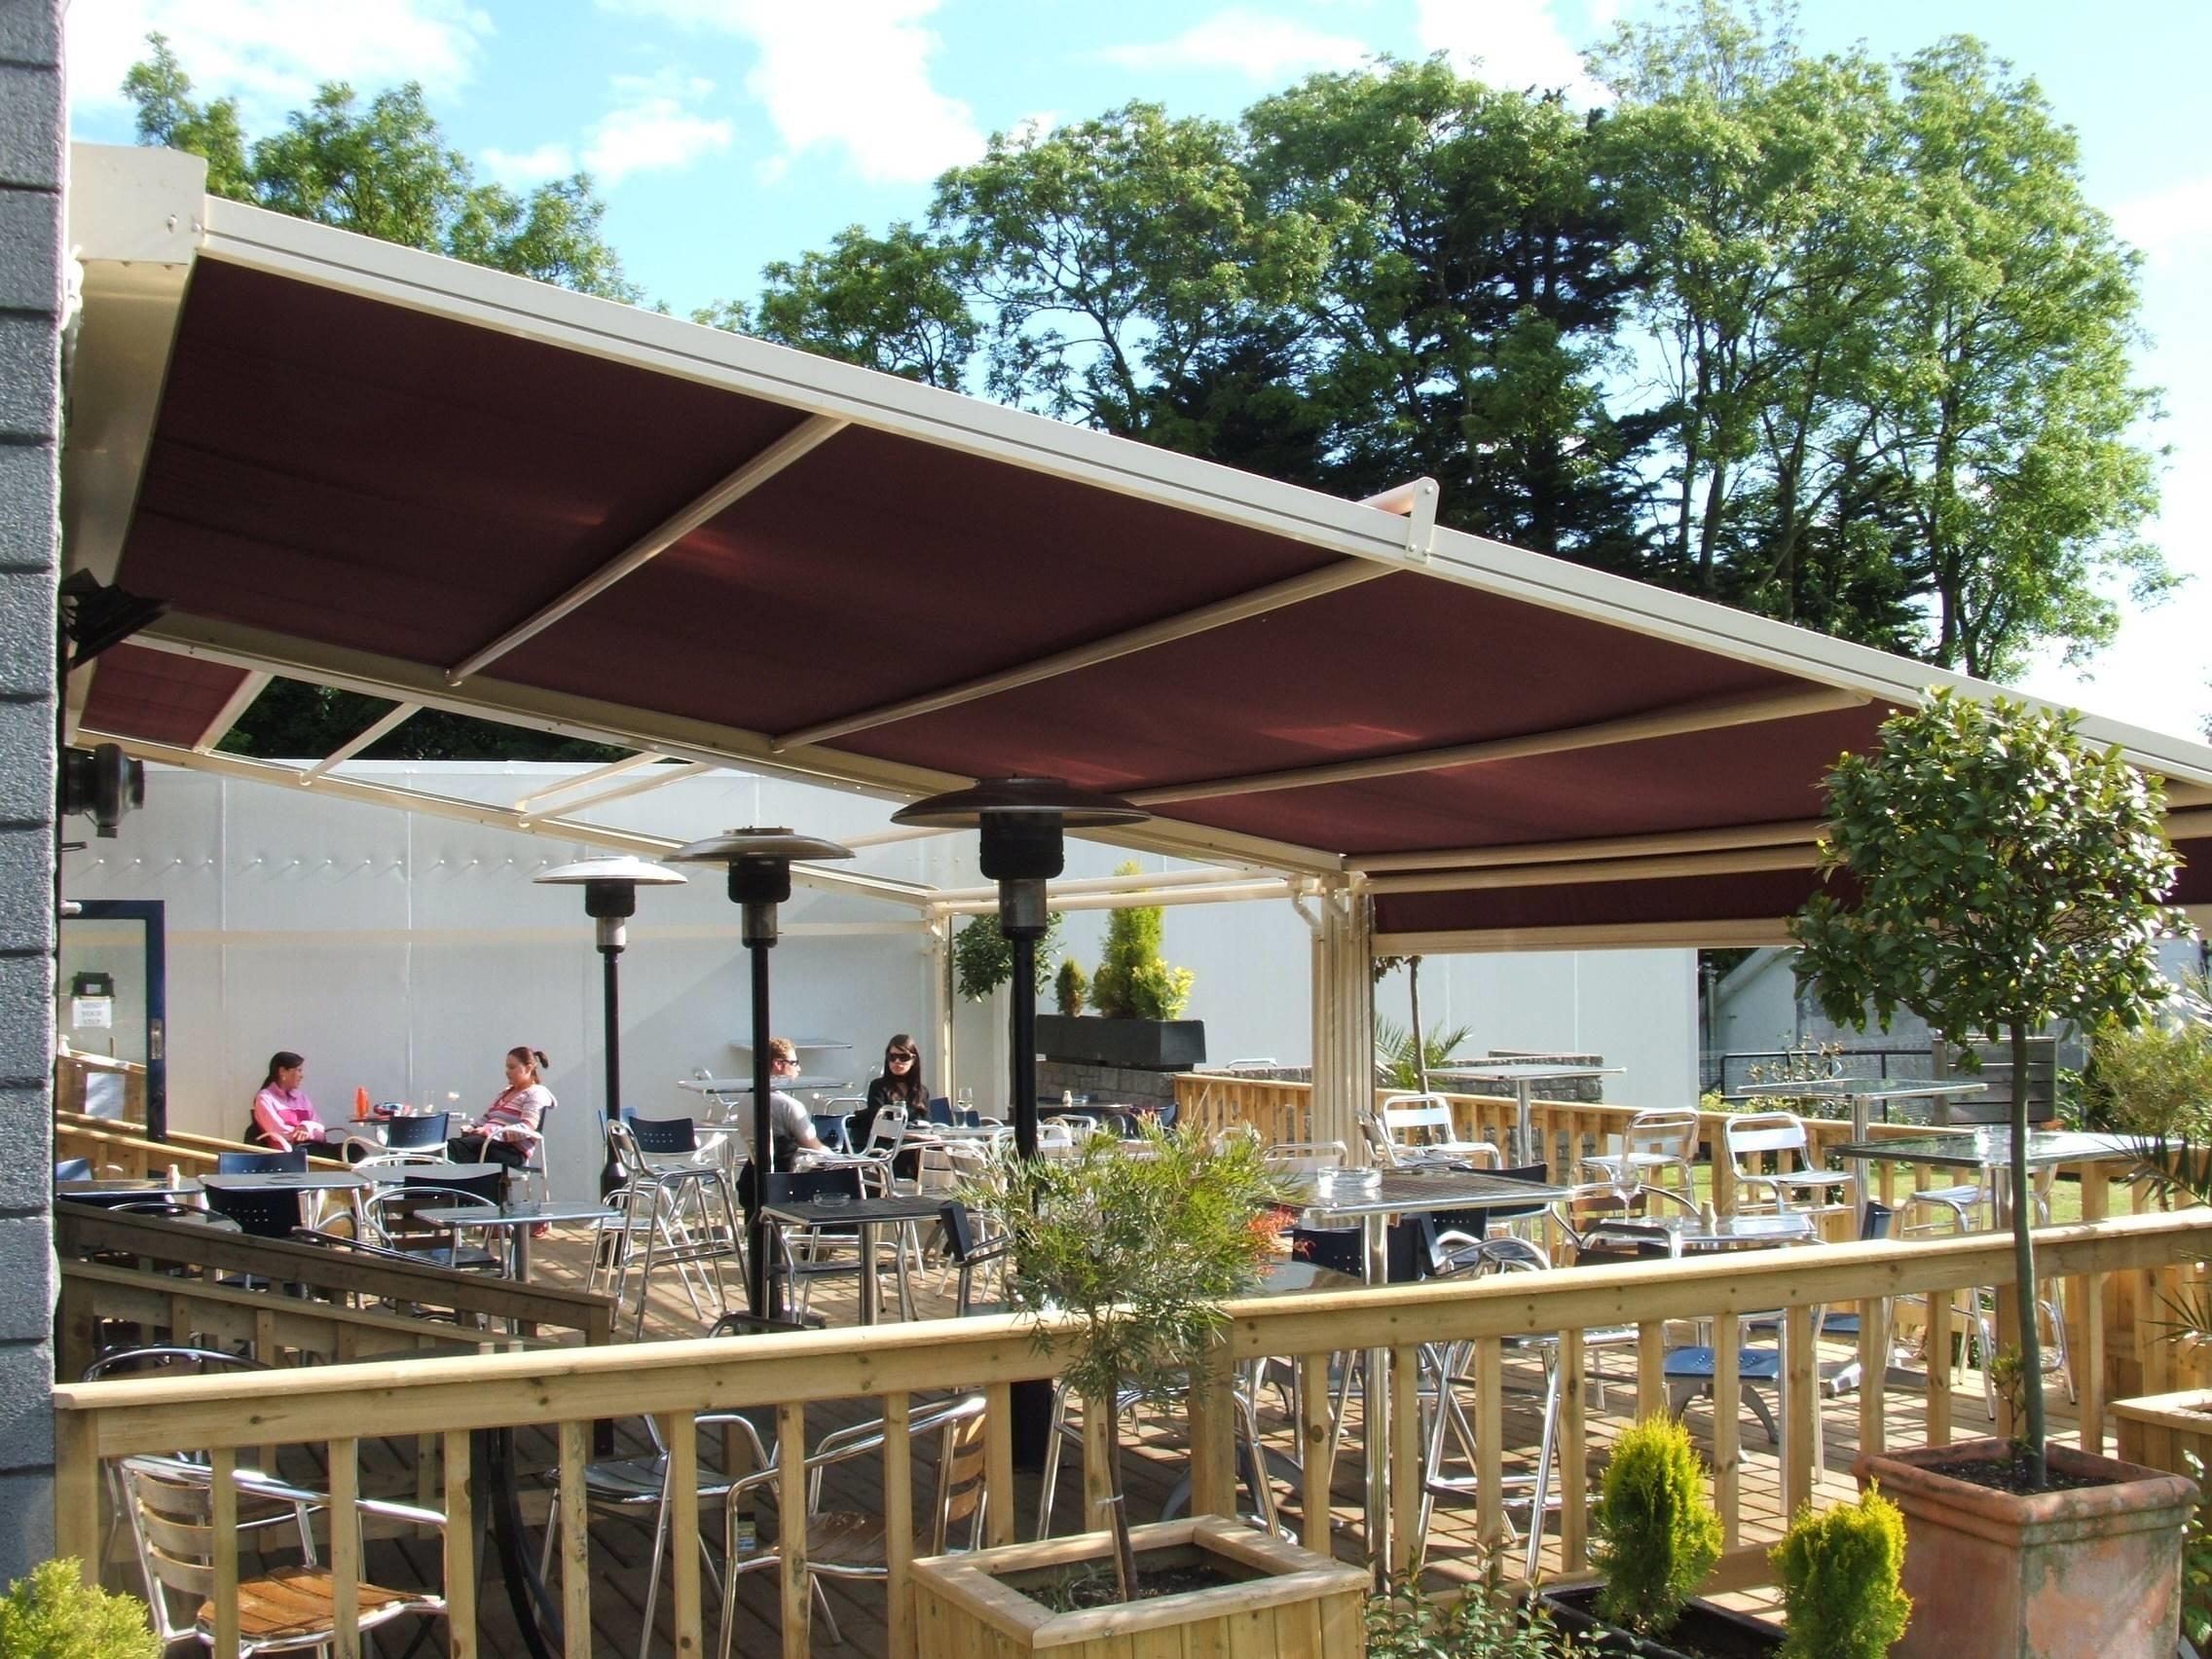 Mobili lavelli tettoie per esterno - Verande su terrazzi ...